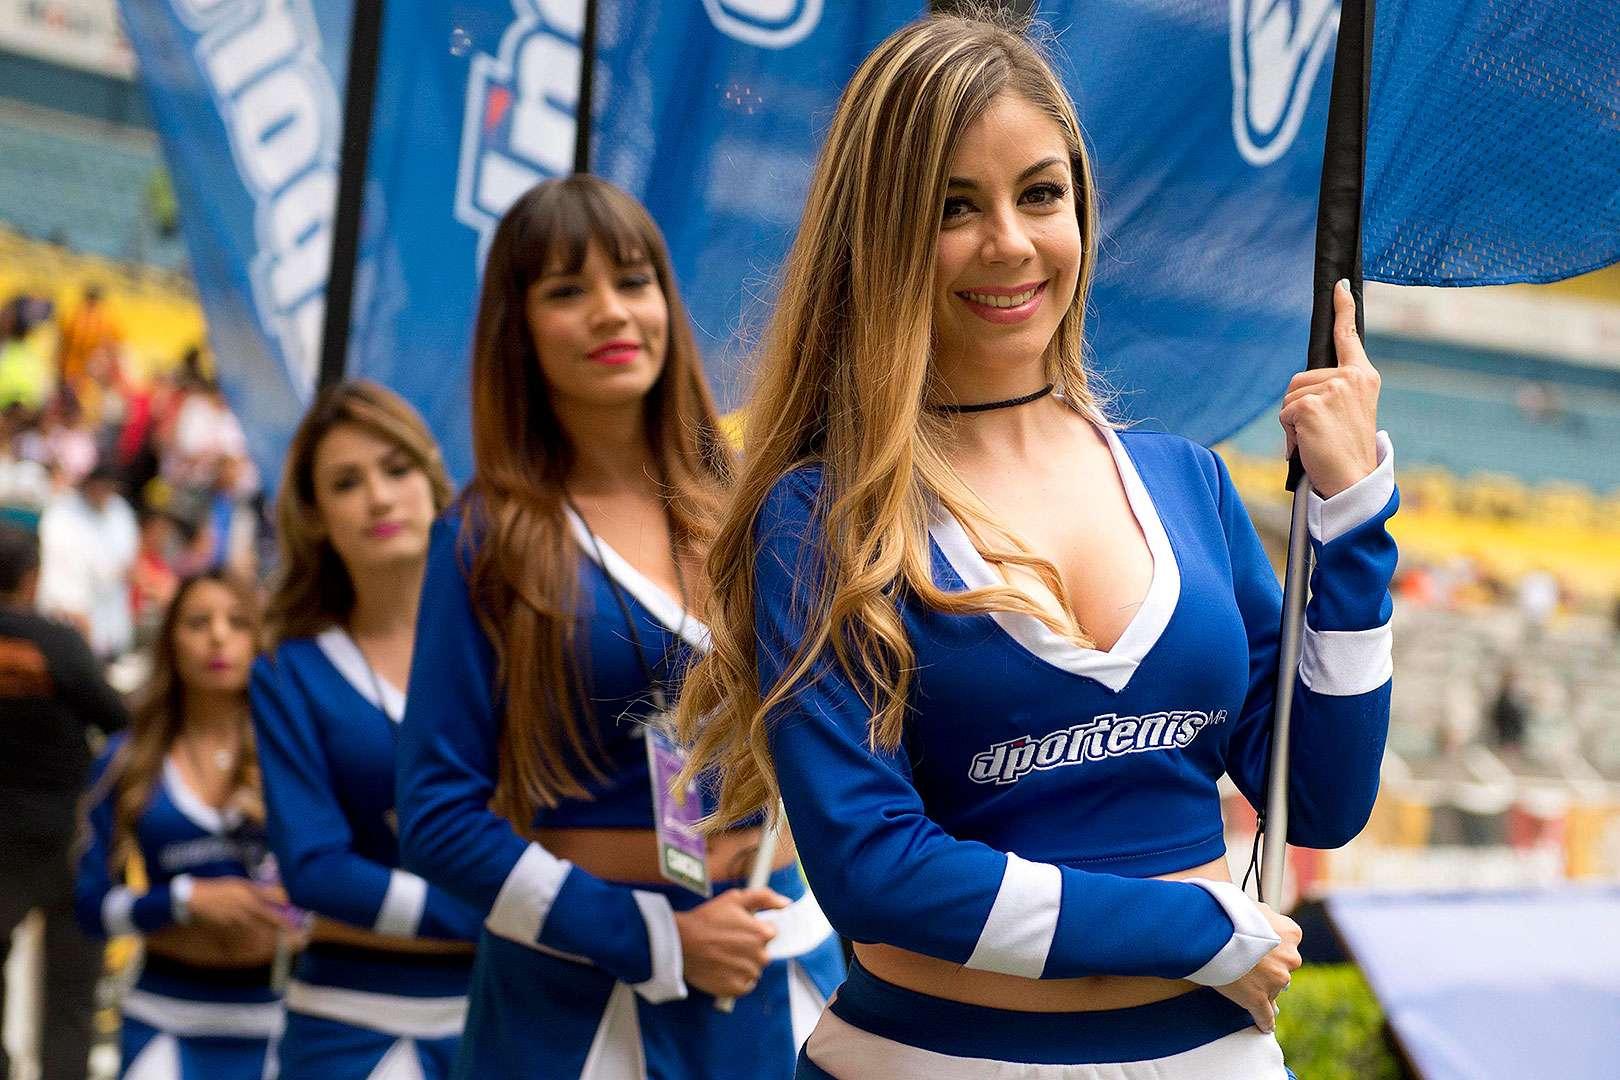 Disfruta las mejores imágenes de las bellas edecanes pusieron el ambiente entre los aficionados a la Primera División en la jornada 3 del Clausura 2015. Foto: Imago 7